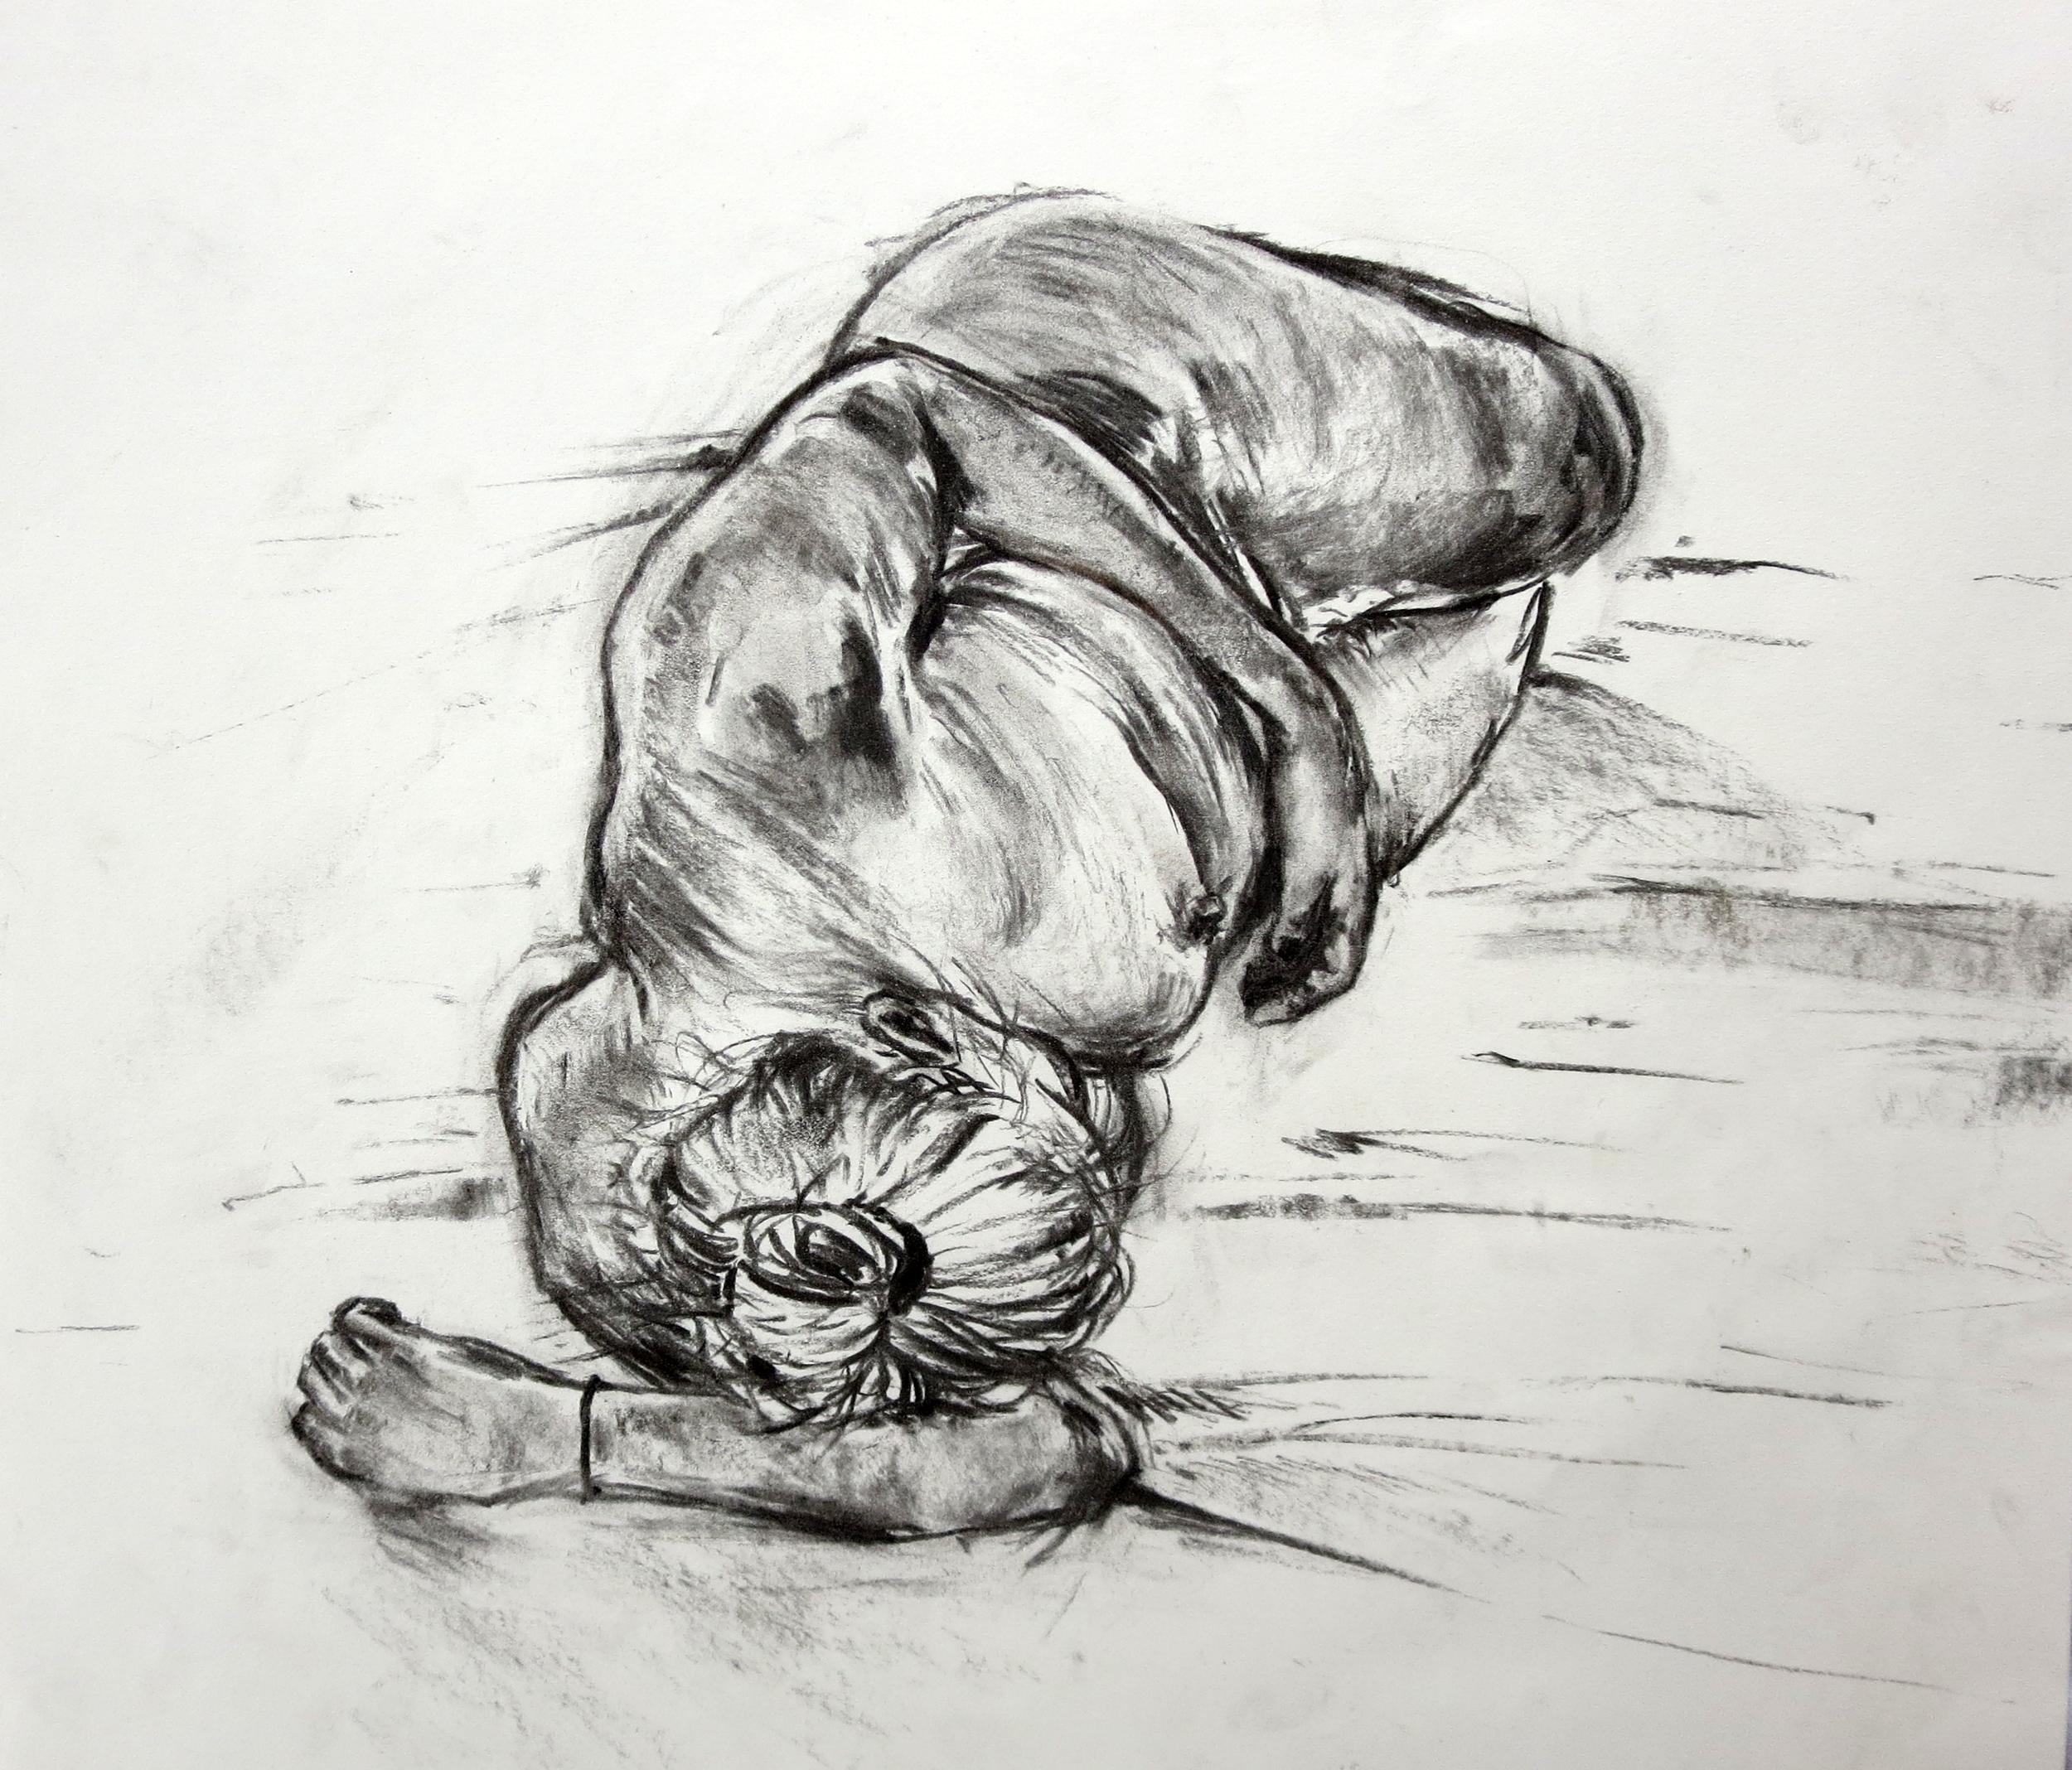 figure drawing study charcoal  ~20 mins  2014